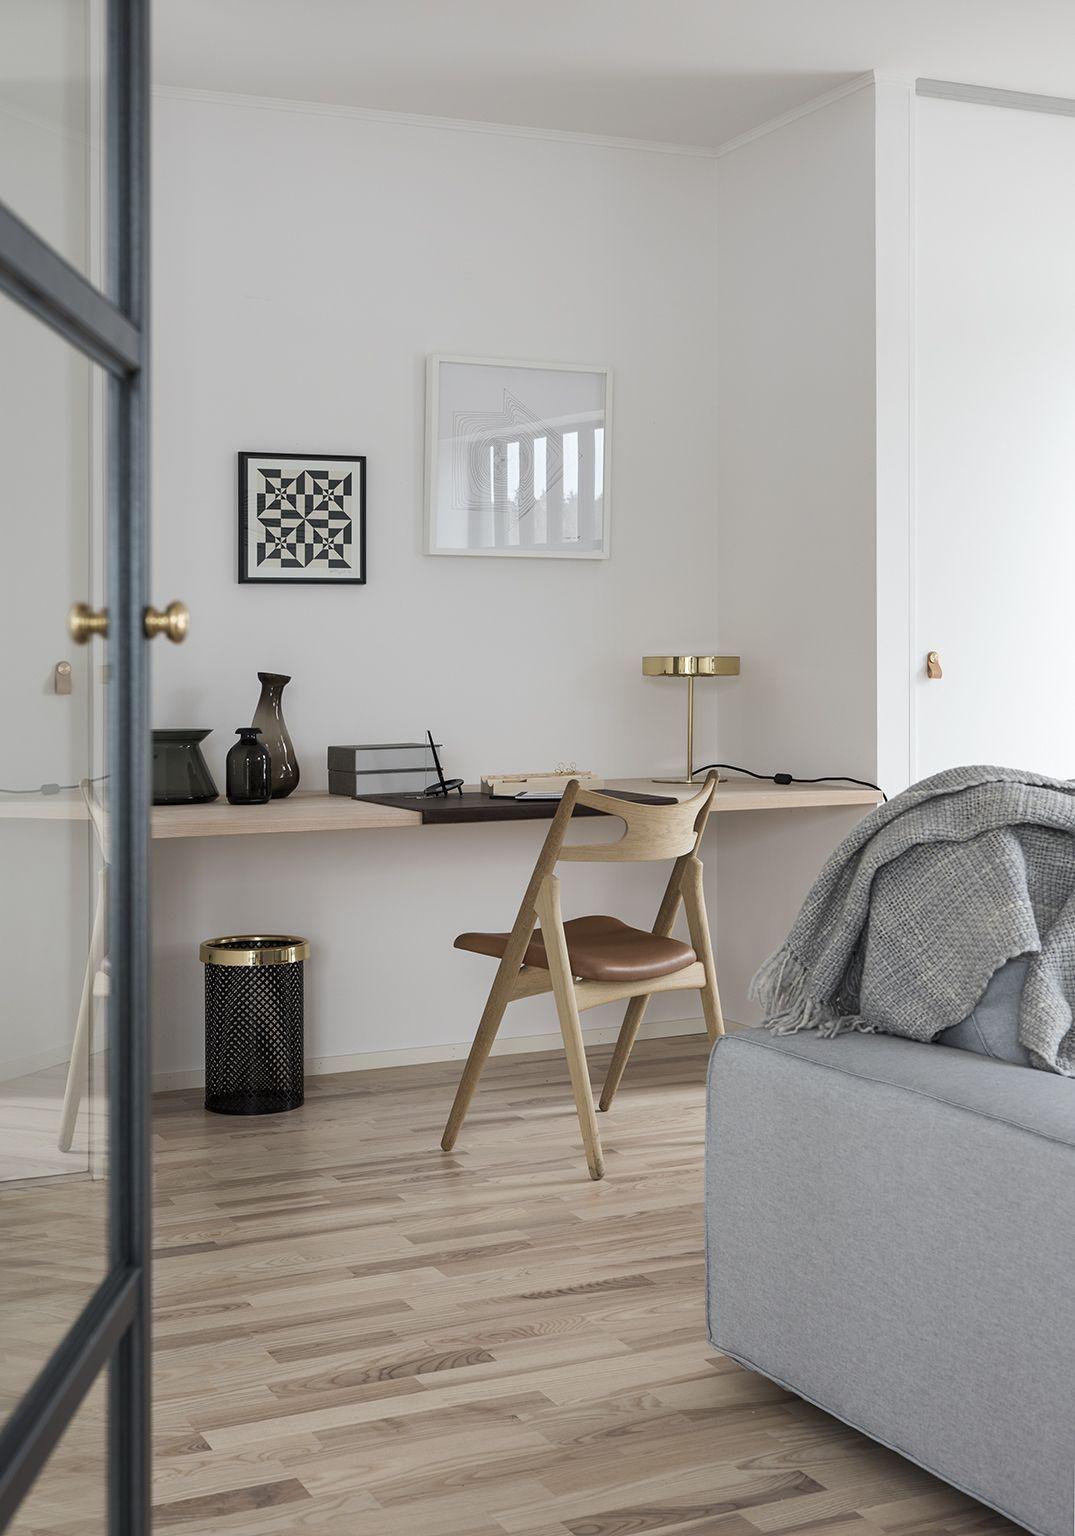 Mitte jahrhundert badezimmer design minimalist kitchen cabinets colour minimalist interior kitchen